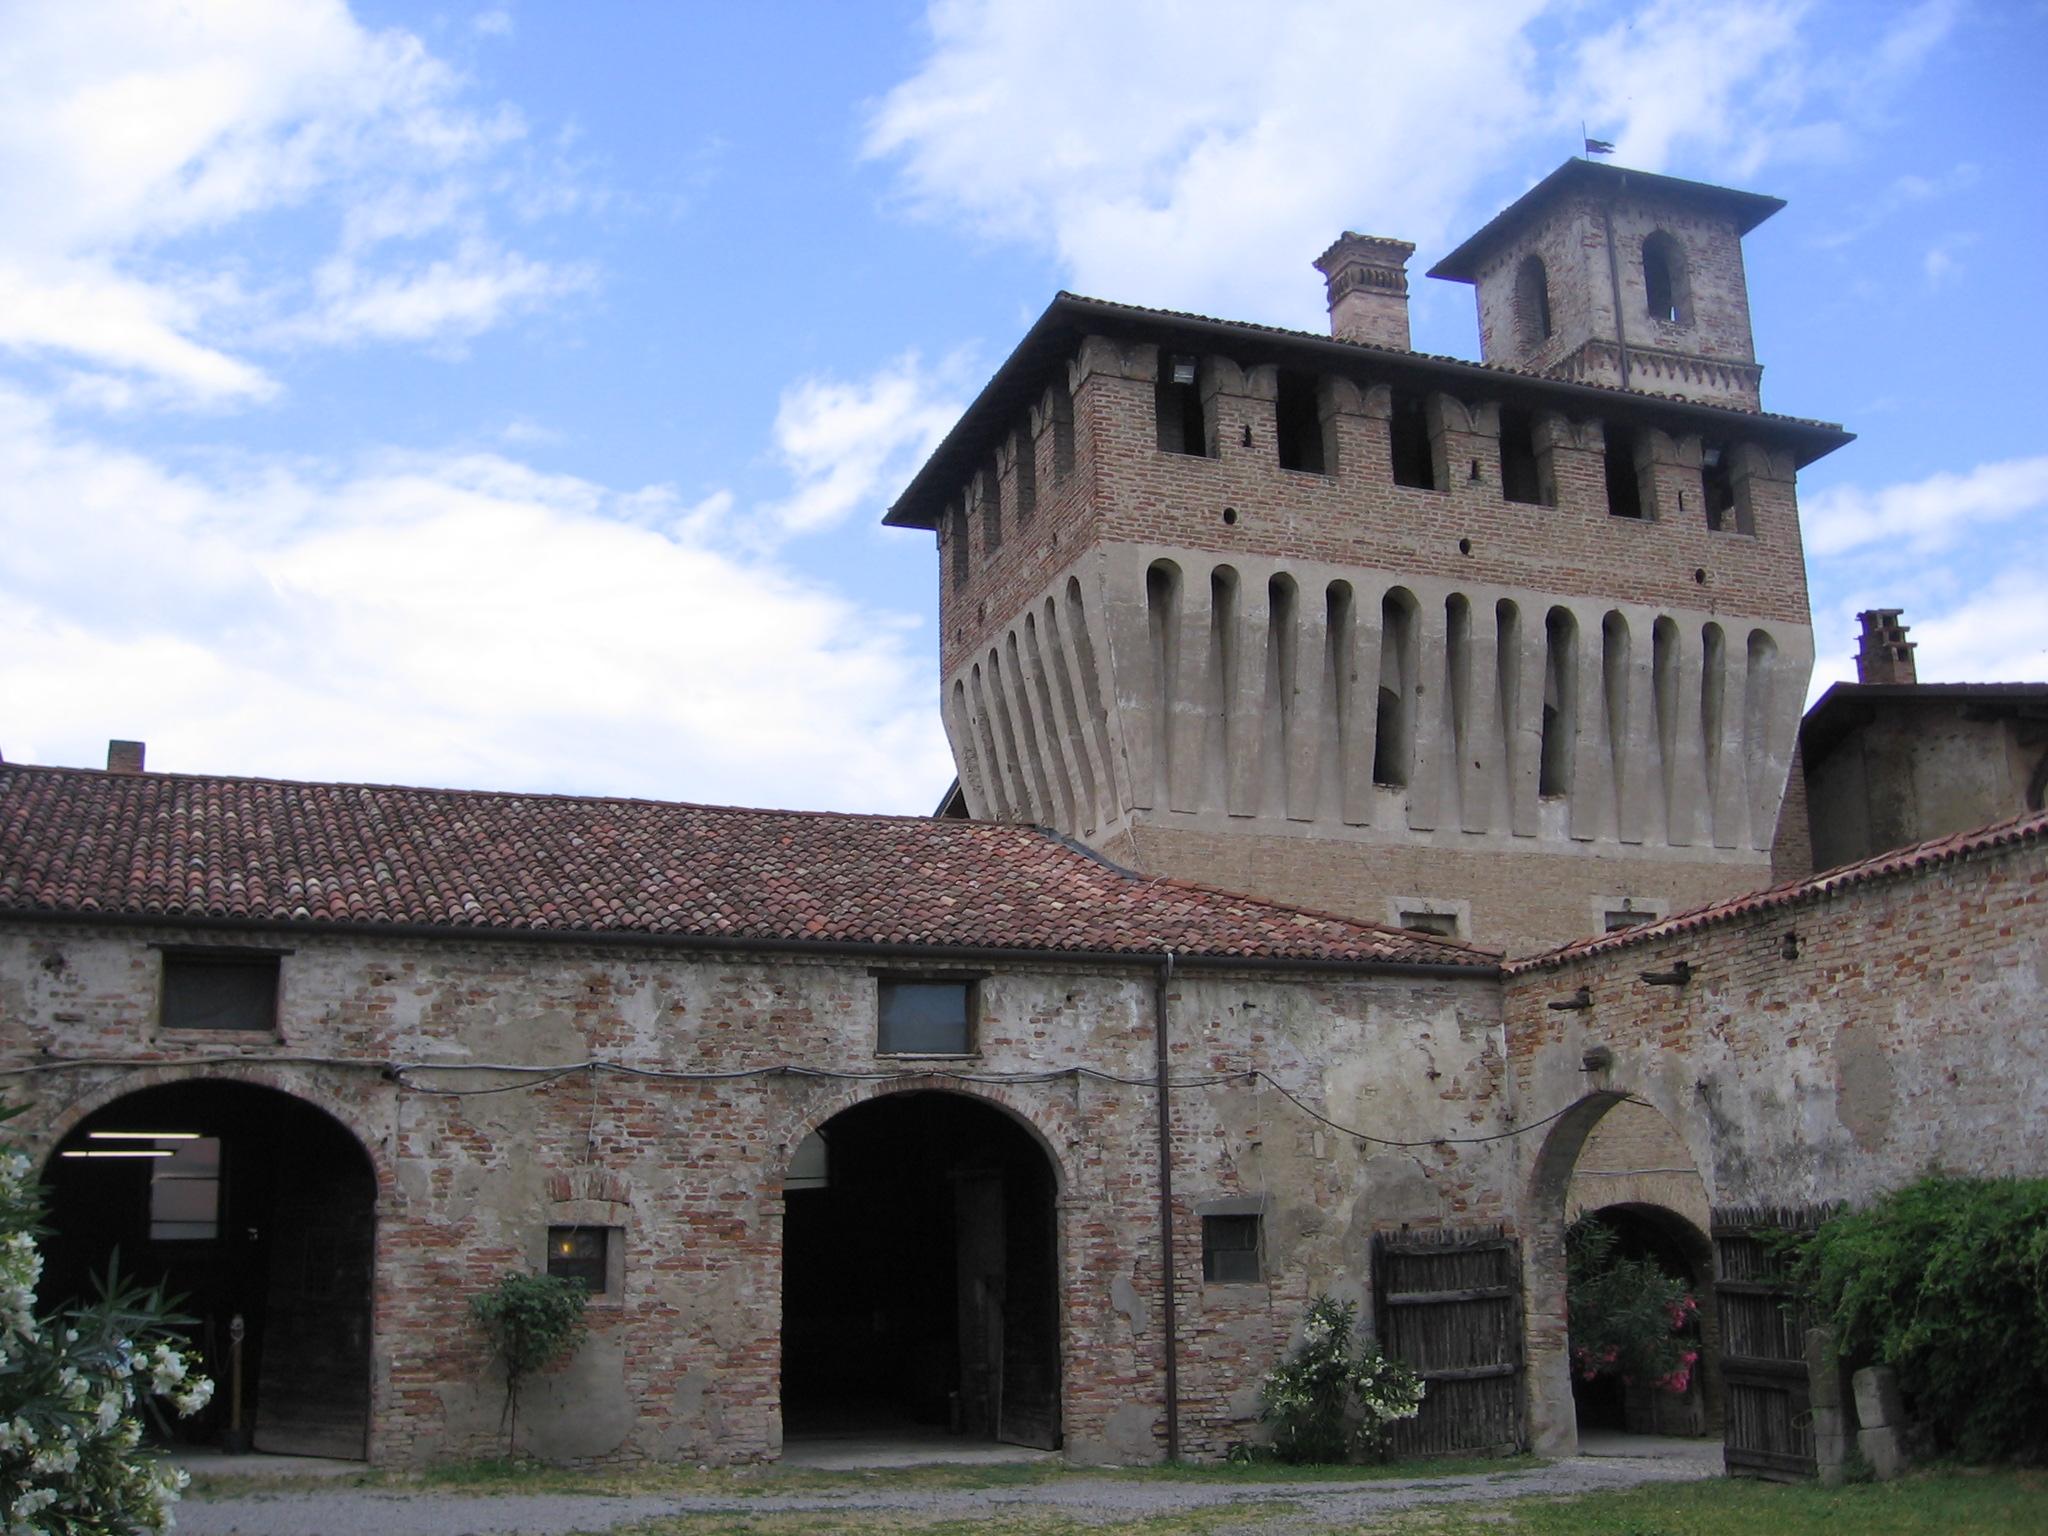 File:Castello Pagazzano (1).JPG - Wikimedia Commons